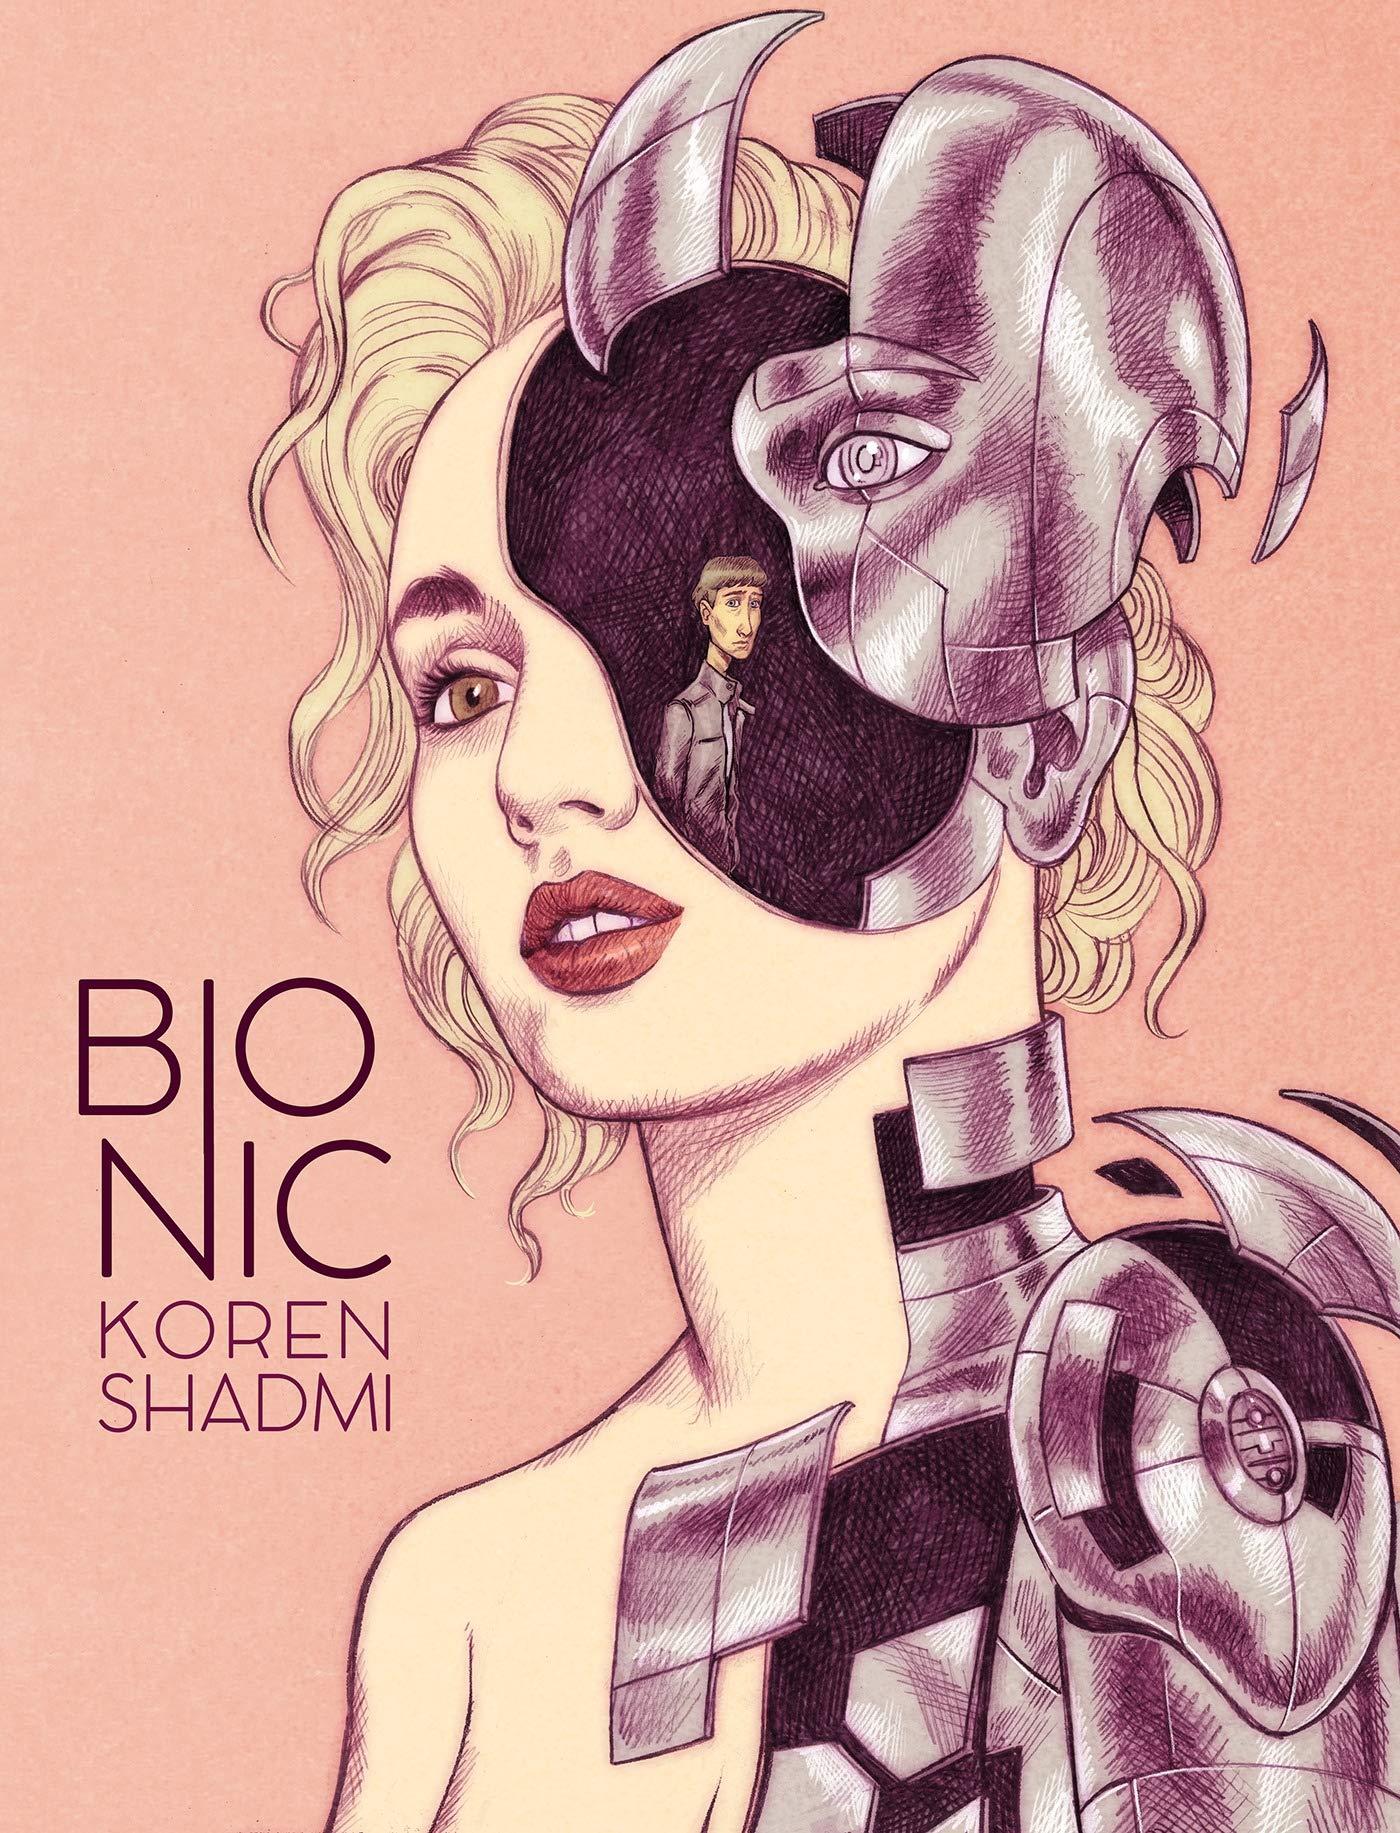 Bionic de Koren Shadmi